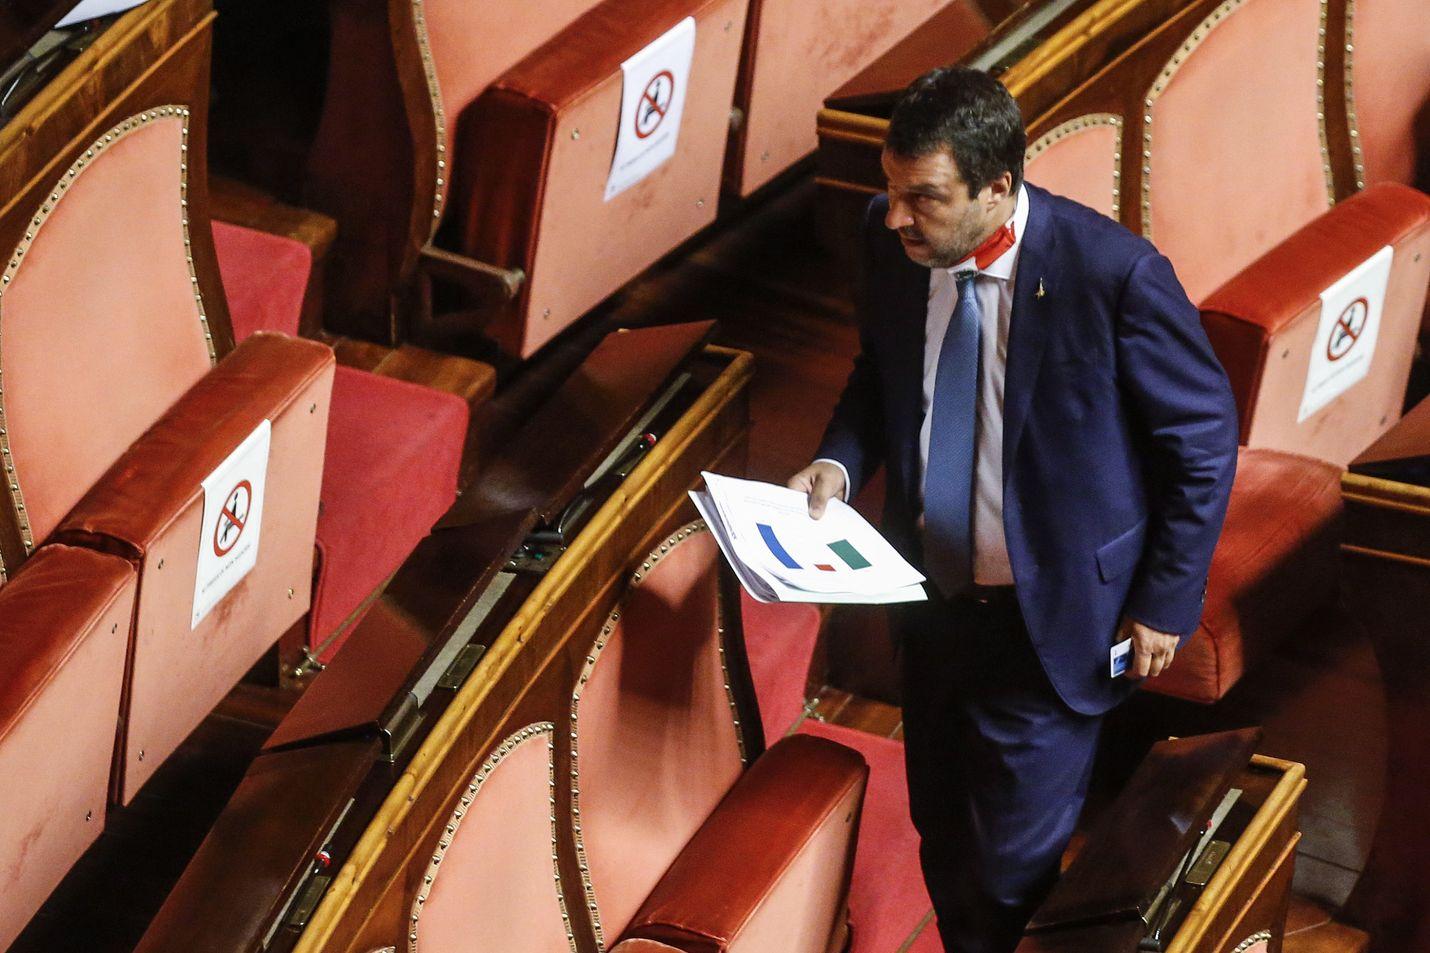 Legan puheenjohtaja Matteo Salvini senaatissa torstaina. Salvinilta poistettiin samana päivänä syytesuoja tapauksessa, jossa hän kielsi päästämästä siirtolaisia kuljettanutta laivaa maihin.